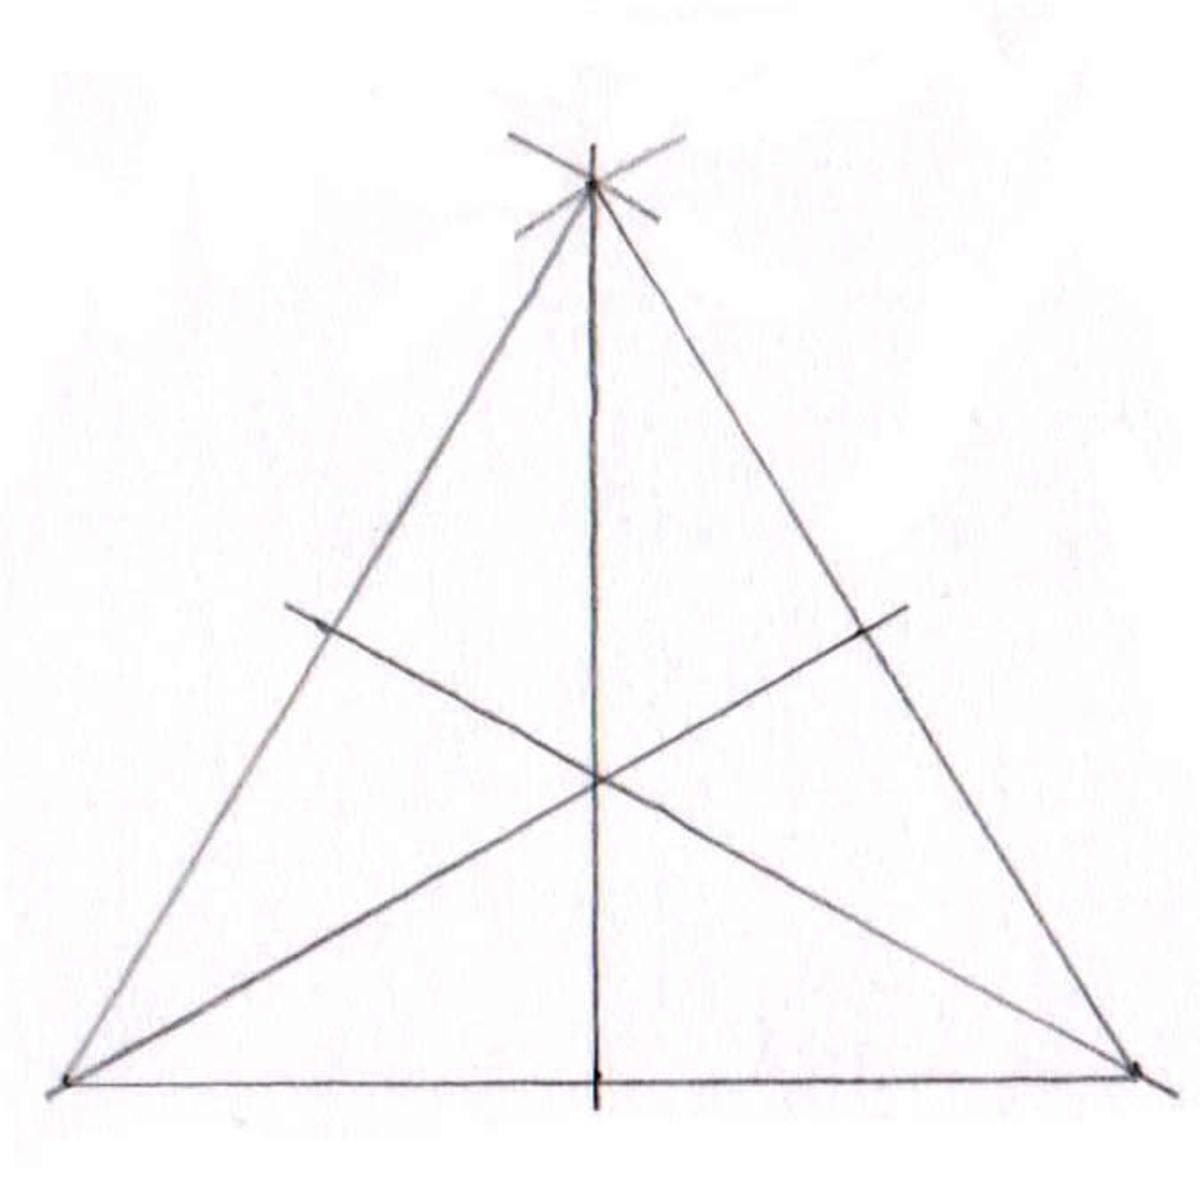 Triquetra tutorial step four